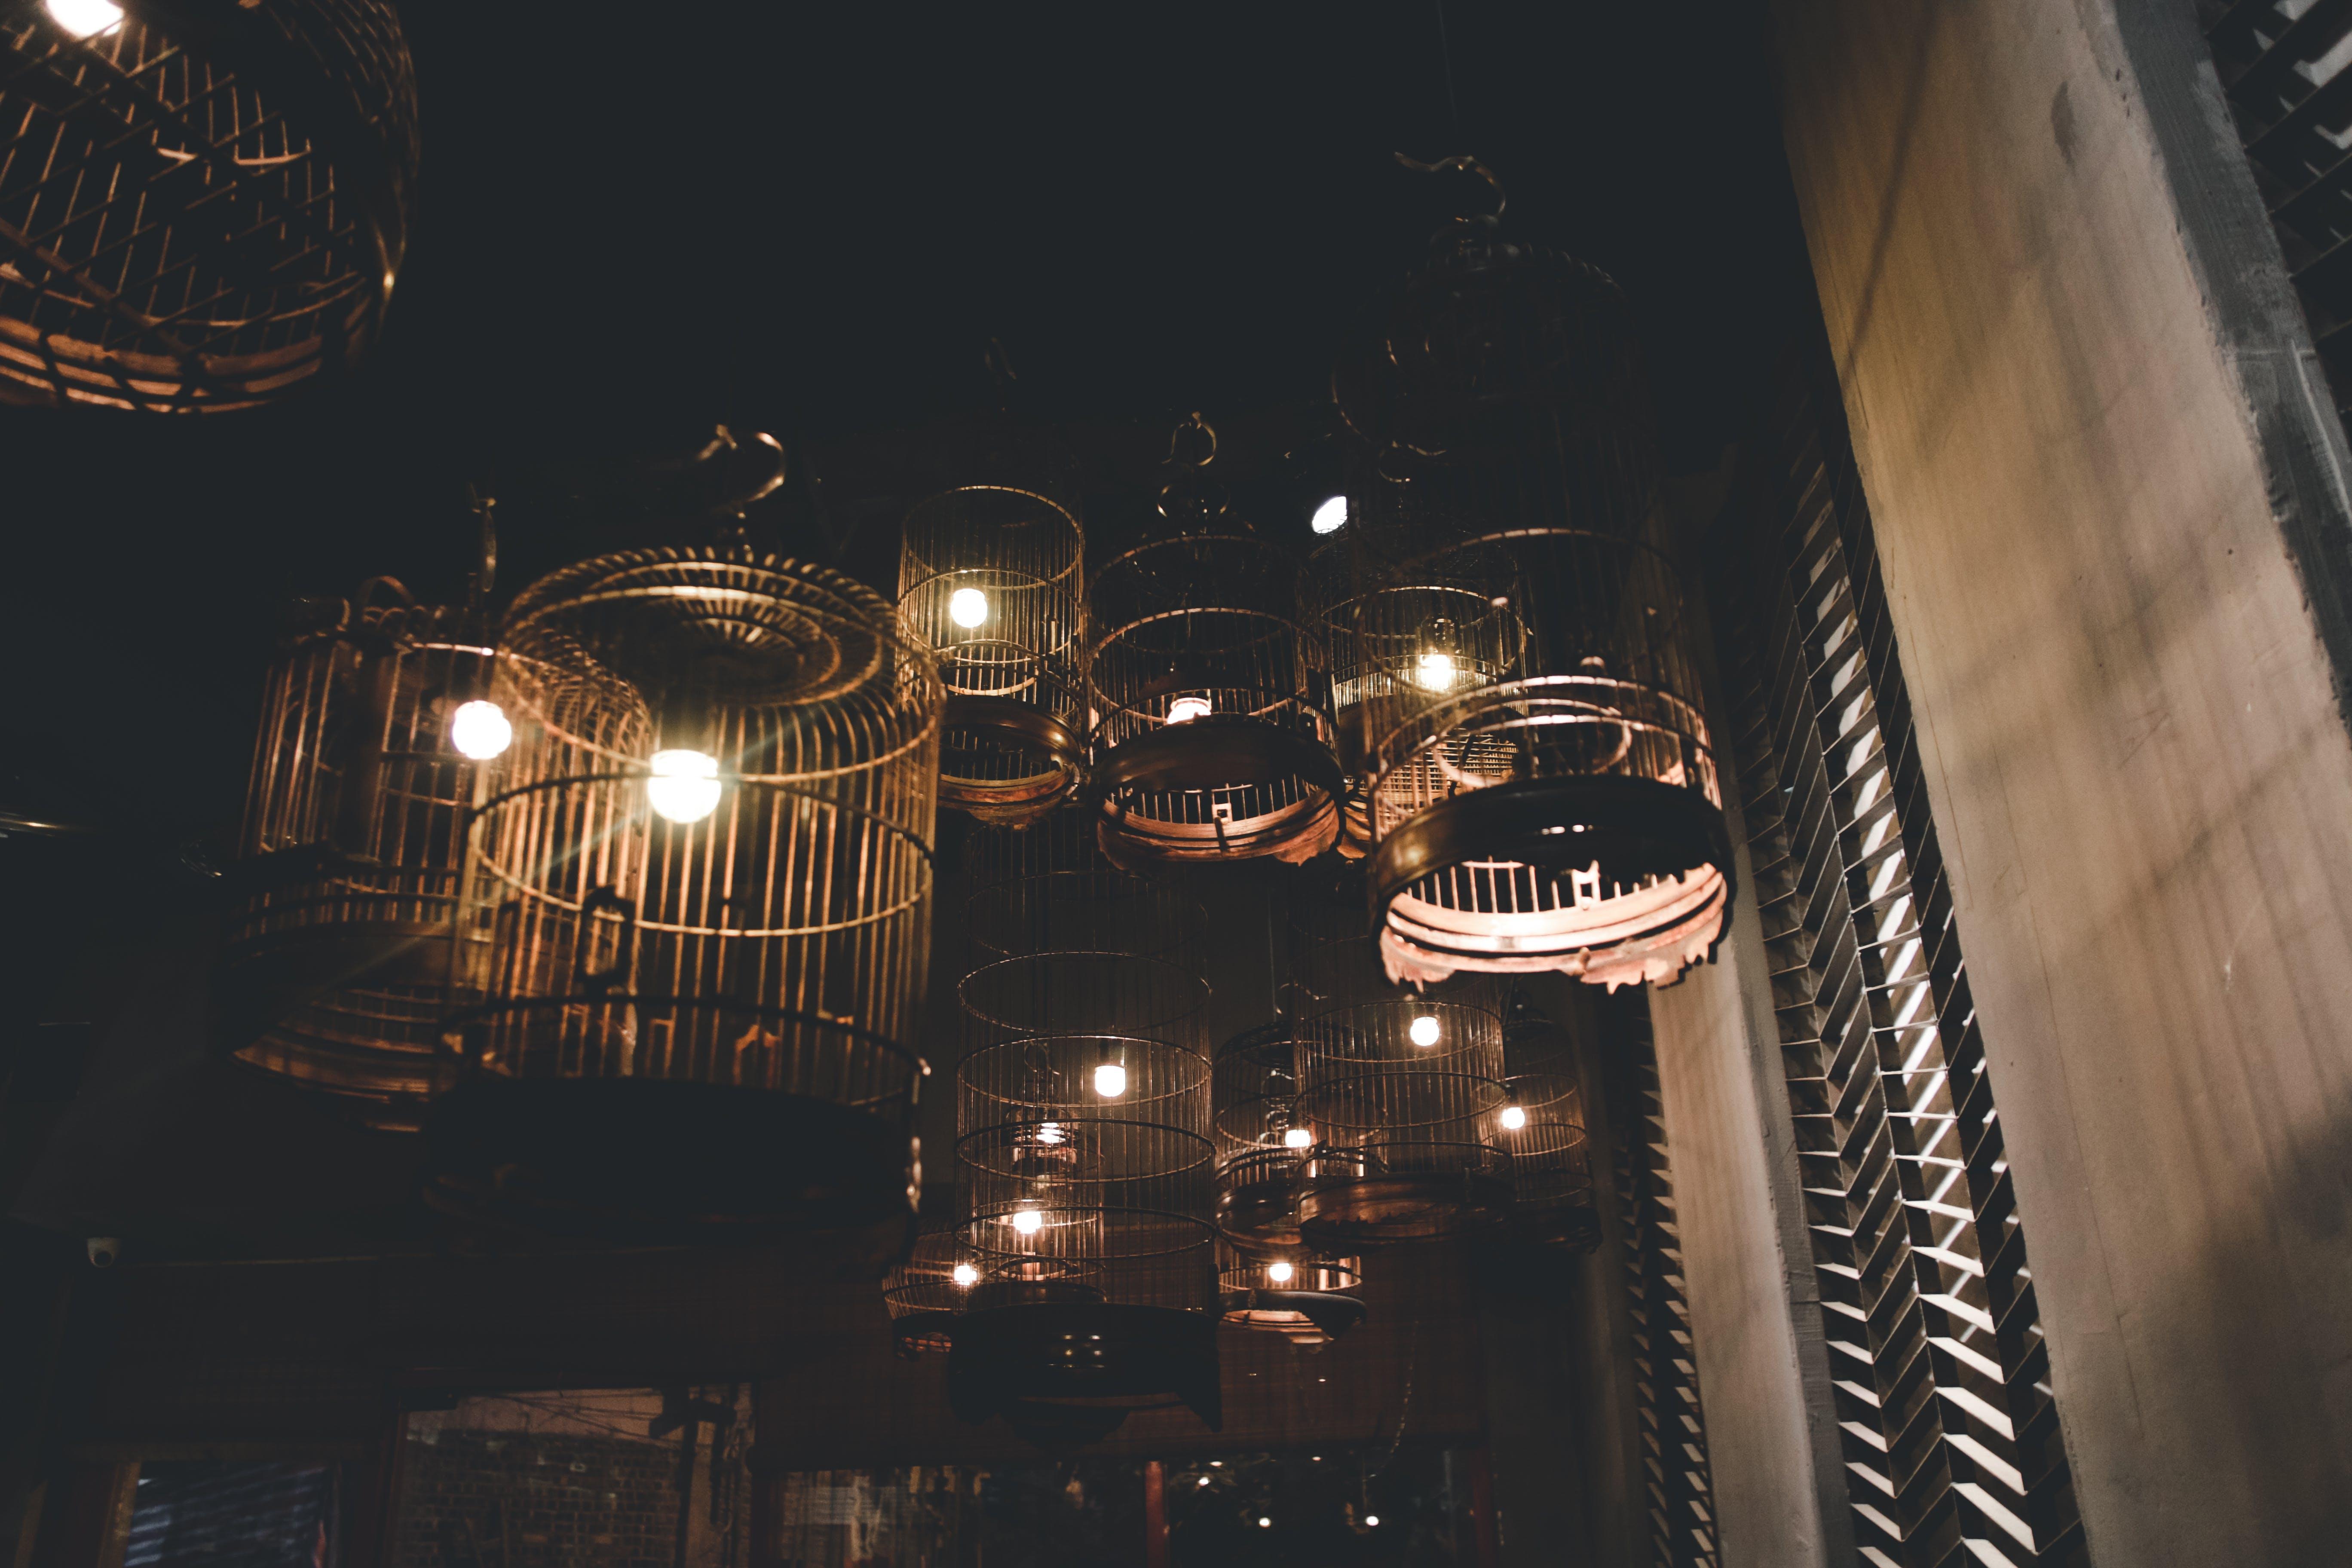 Kostenloses Stock Foto zu abend, architektur, aufnahme von unten, beleuchtet